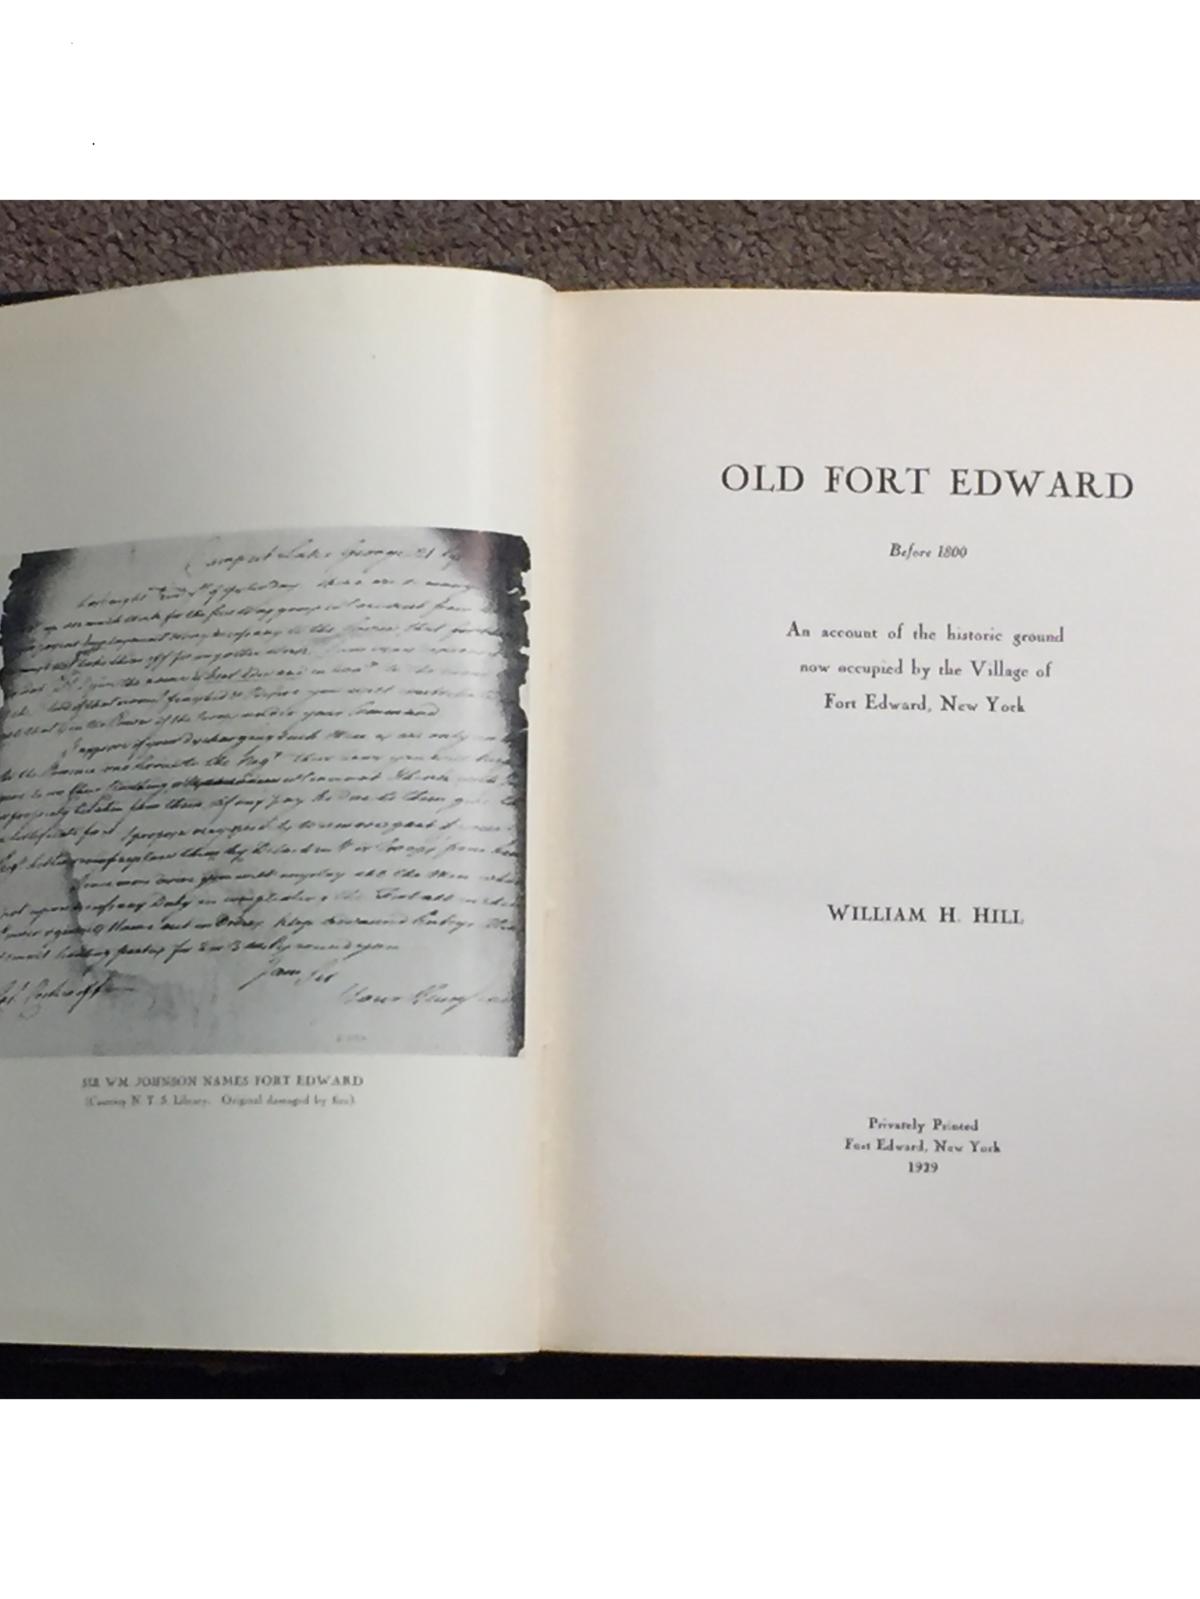 A collectible book